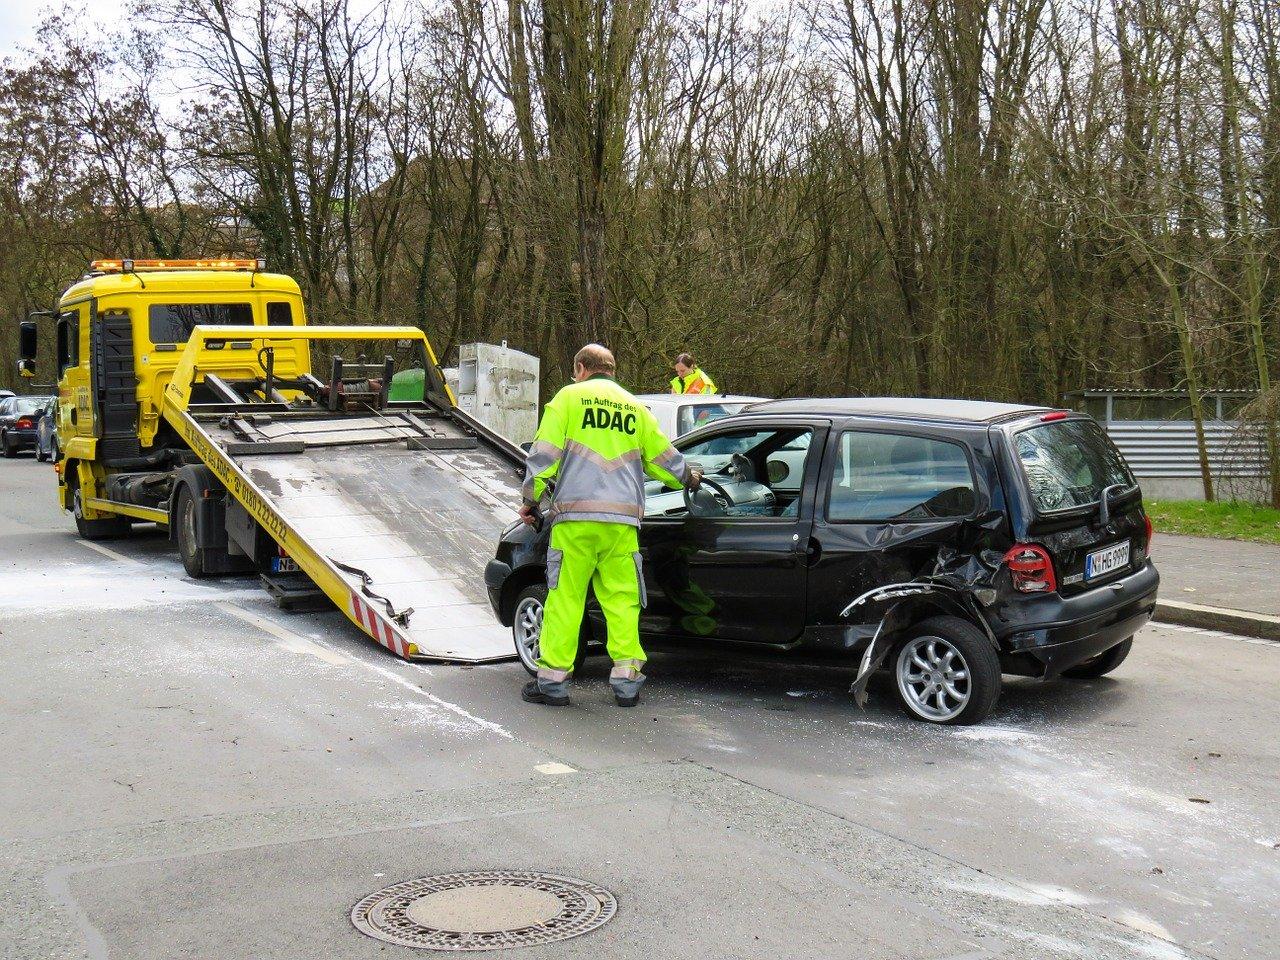 Une voiture endommagée lors d'un accident. | Photo : Pixabay